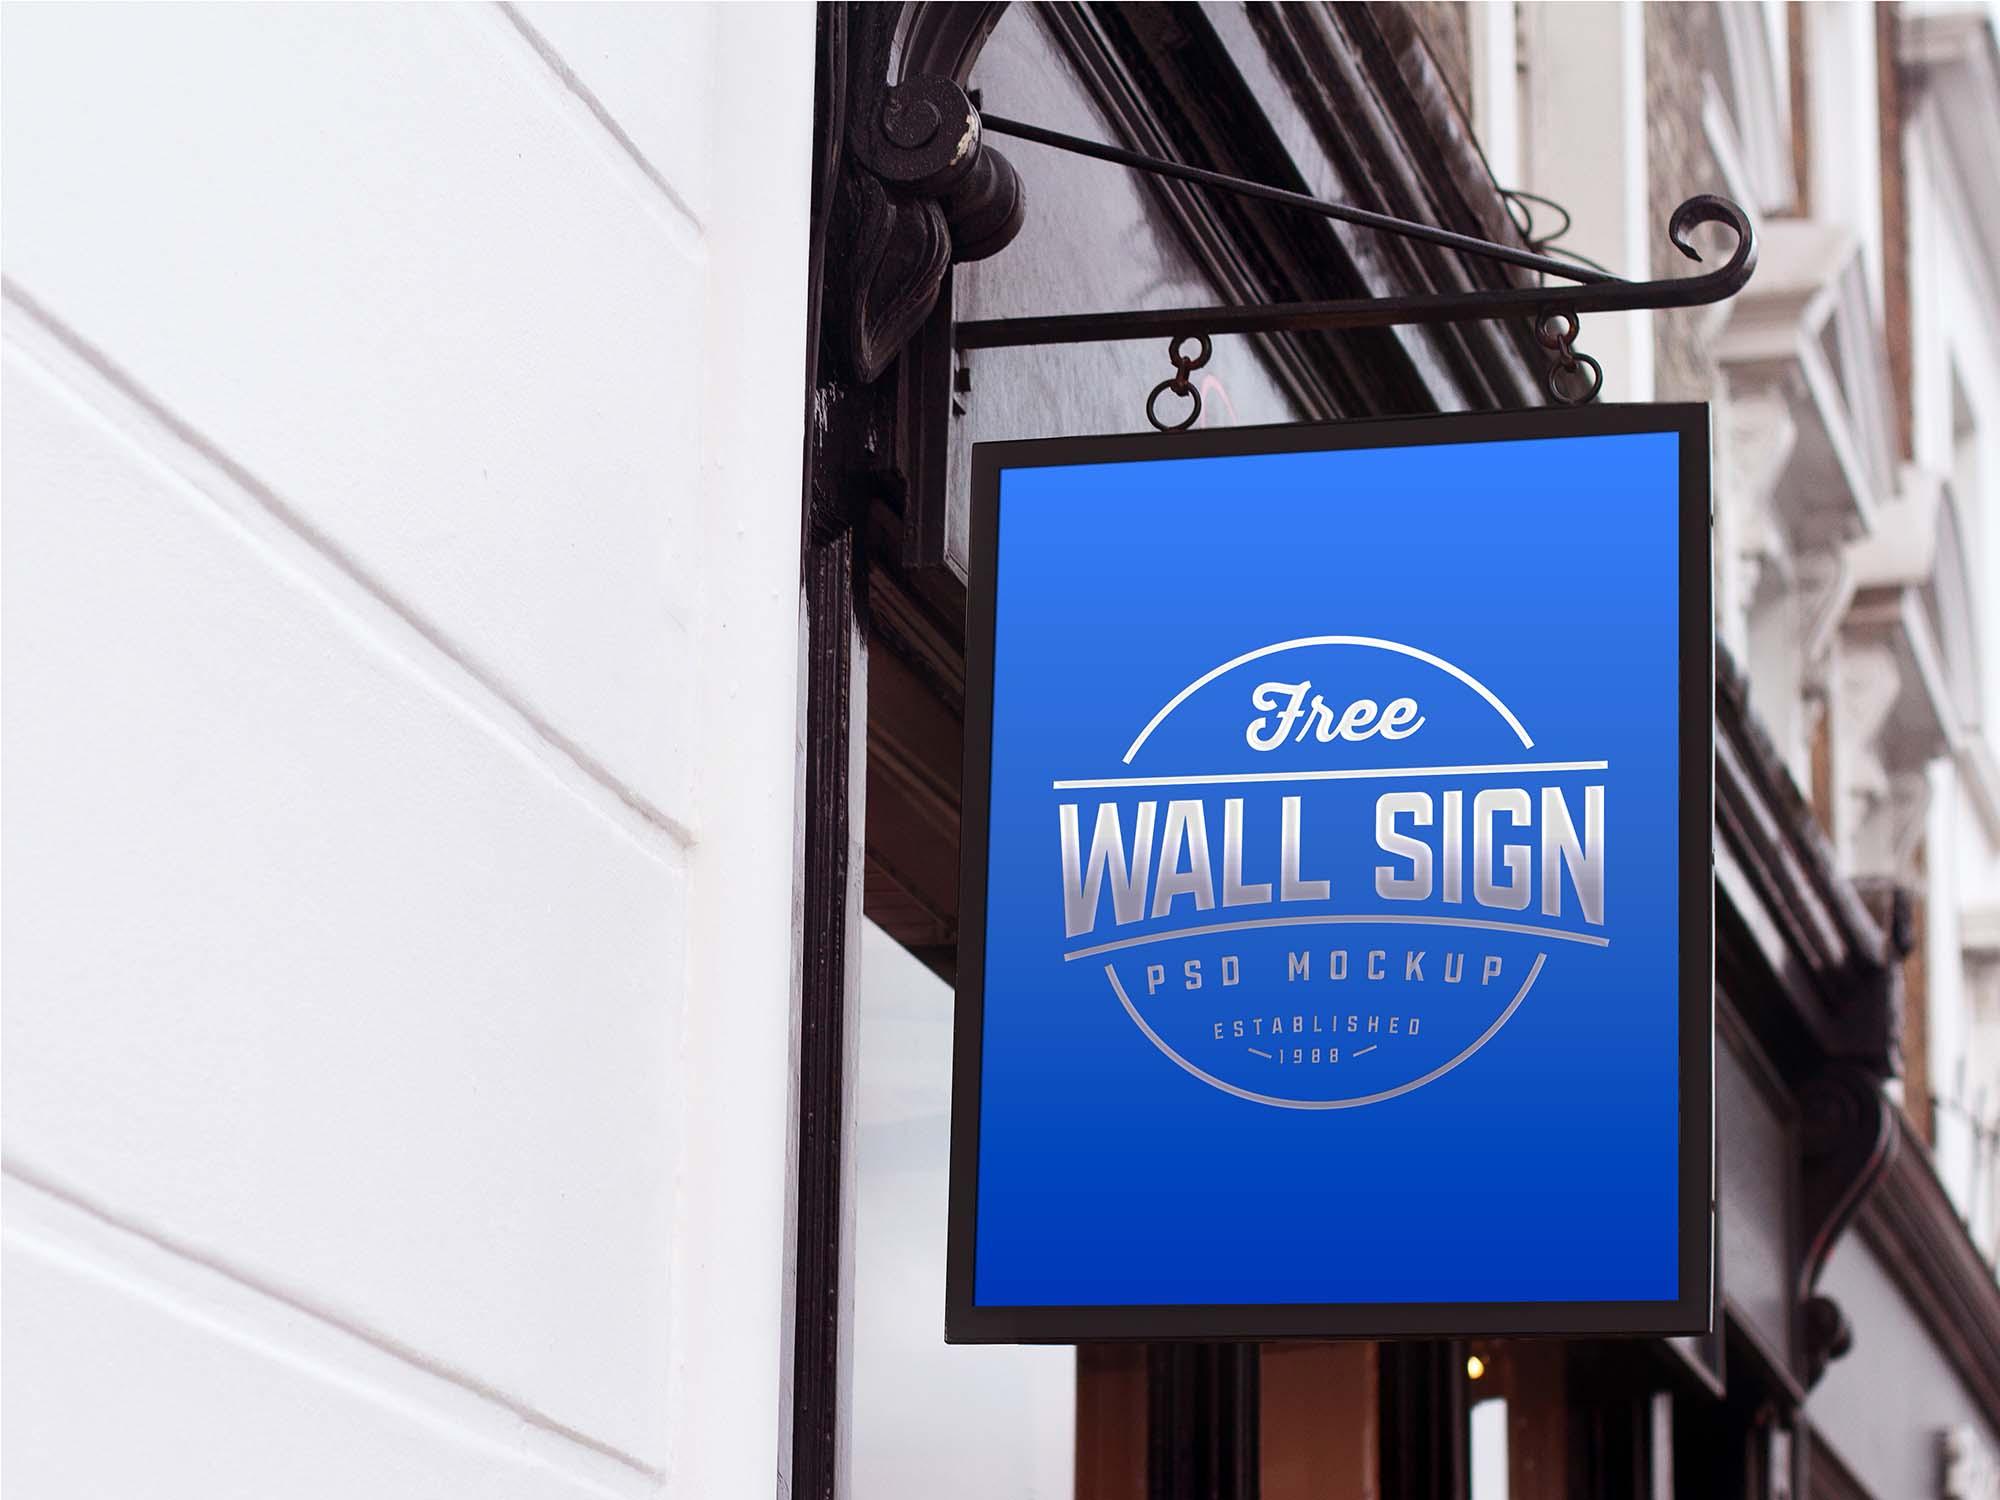 Wall Mounted Sign Mockup